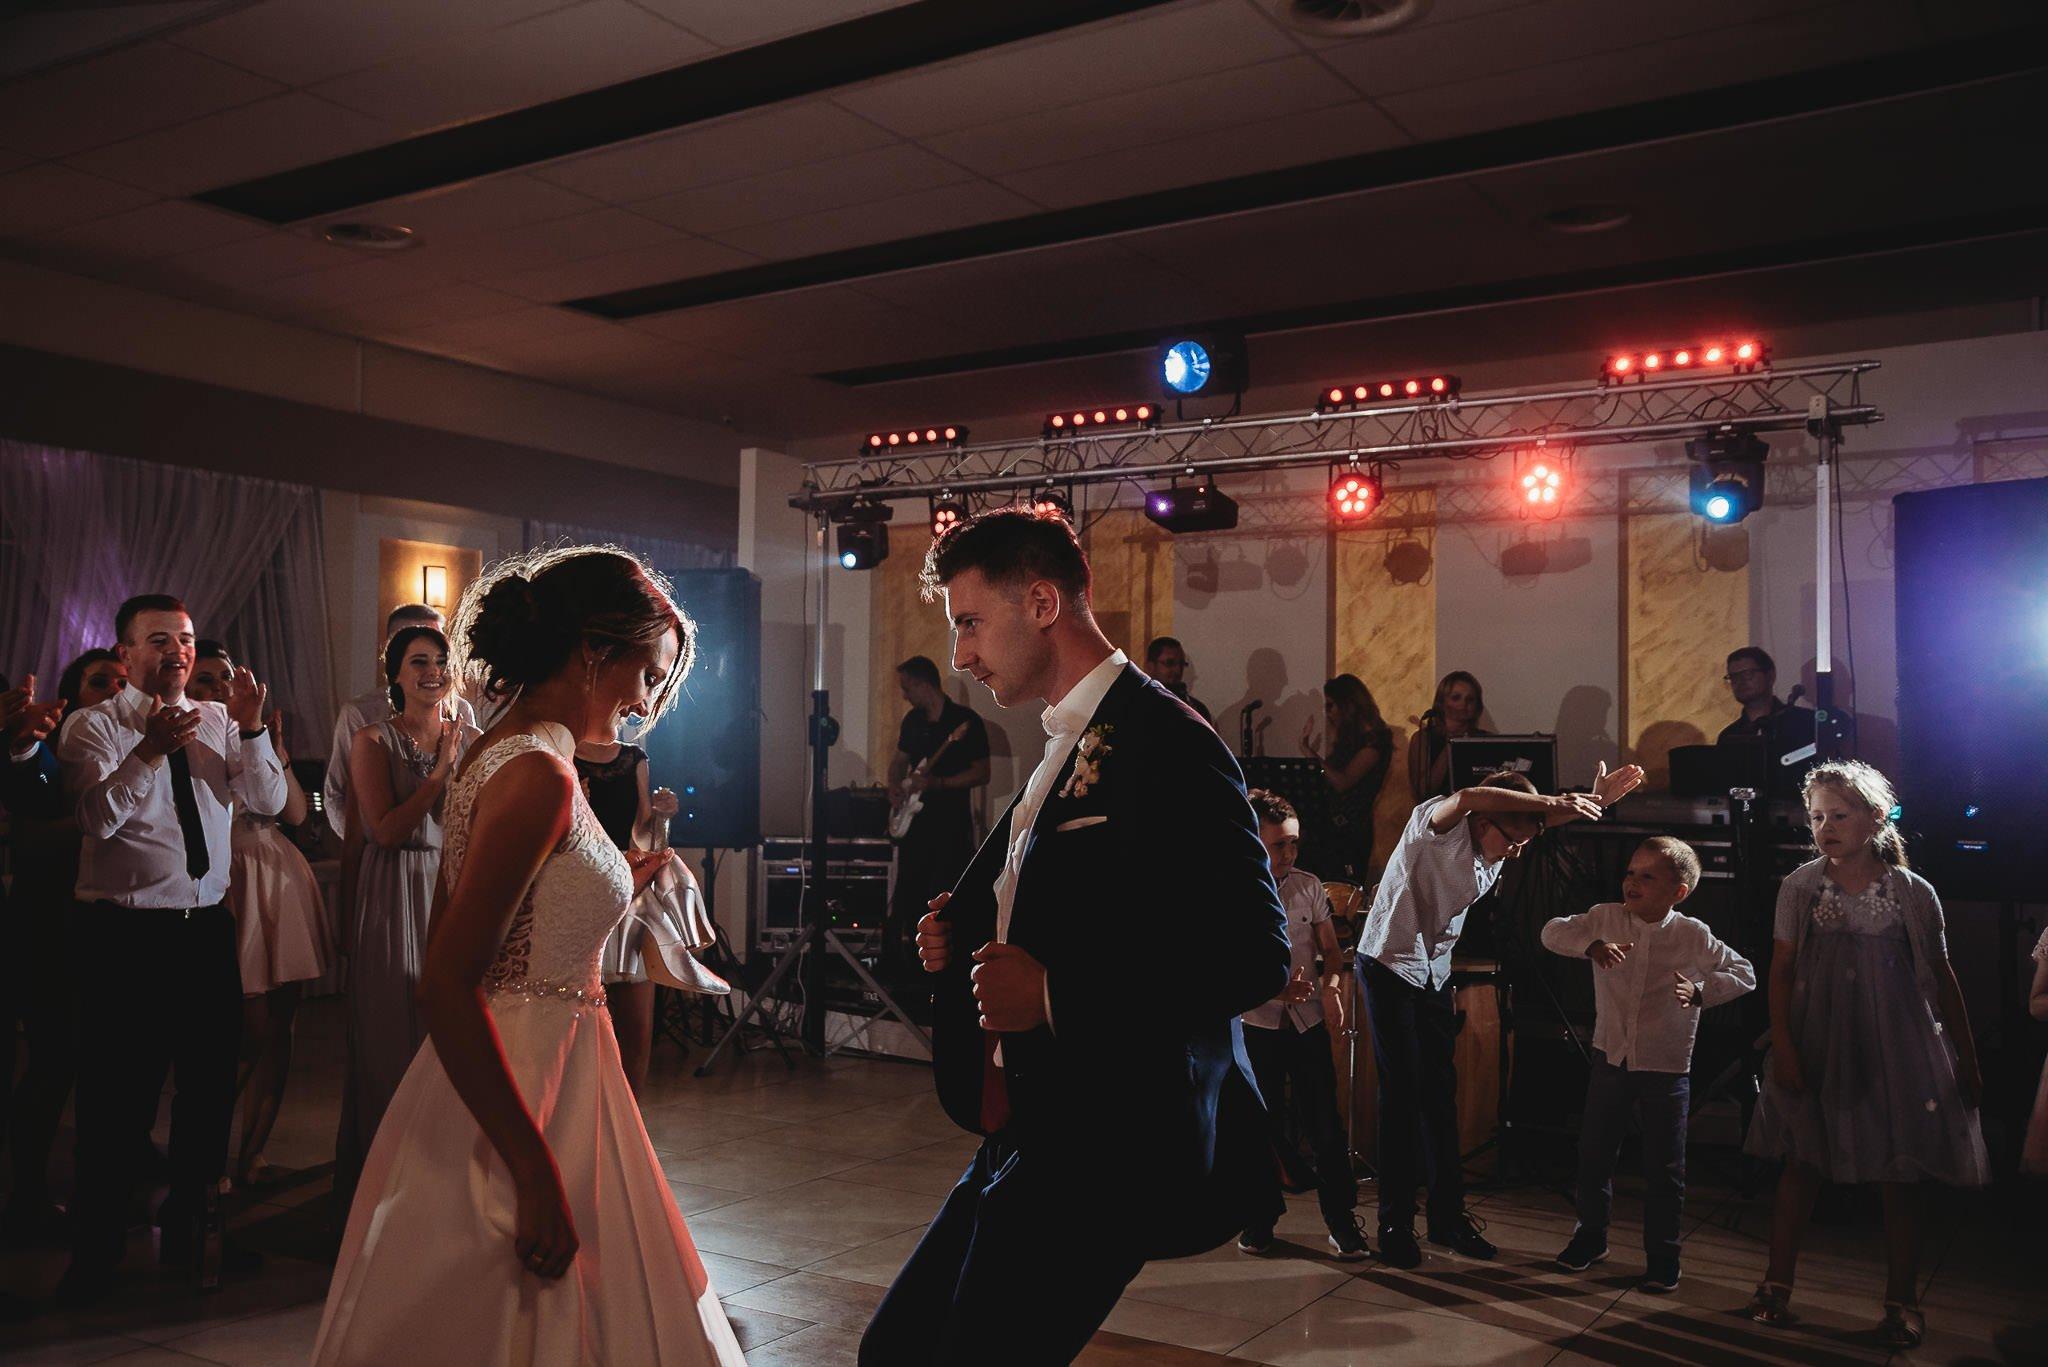 Monika i Michał, wesele w Paryżu i sesja plenerowa w stadninie koni w Czołowie 290